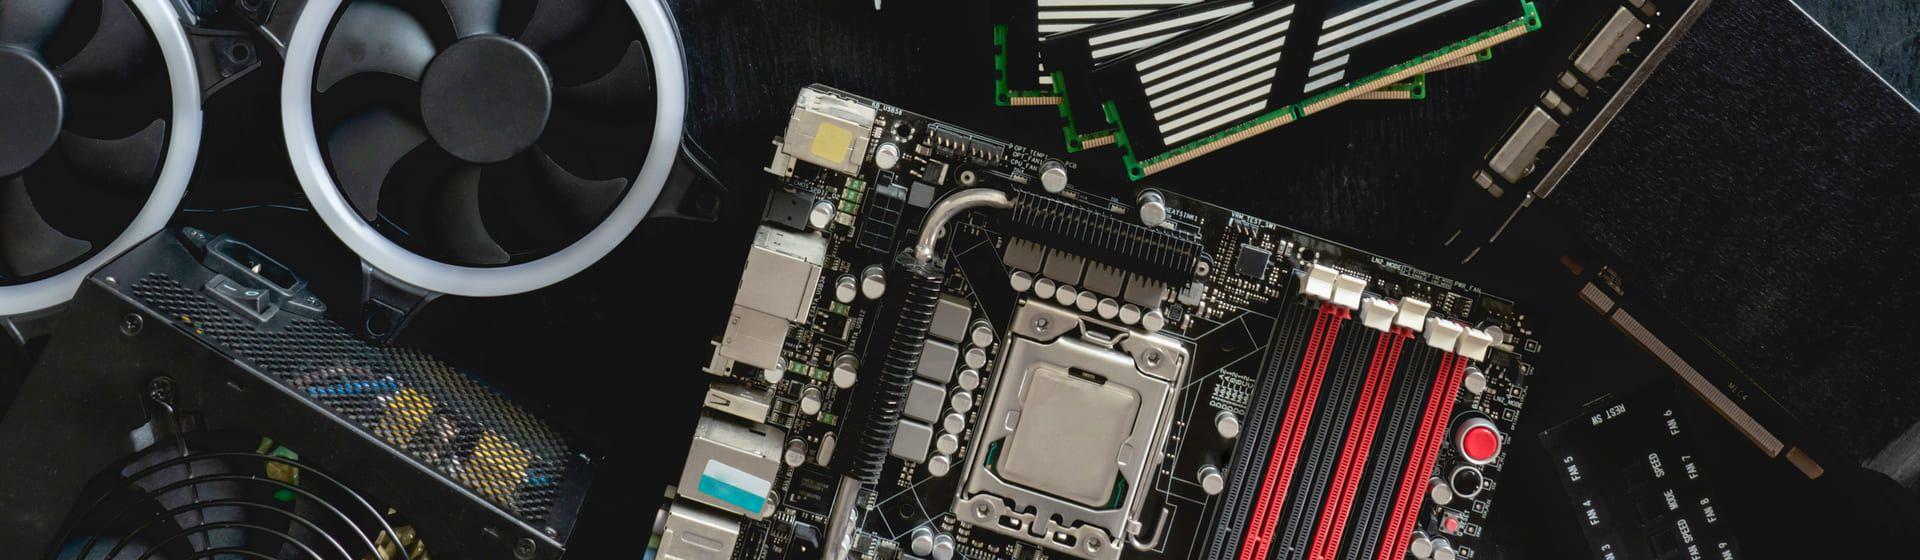 O que é hardware? Conheça o que vem dentro de um computador